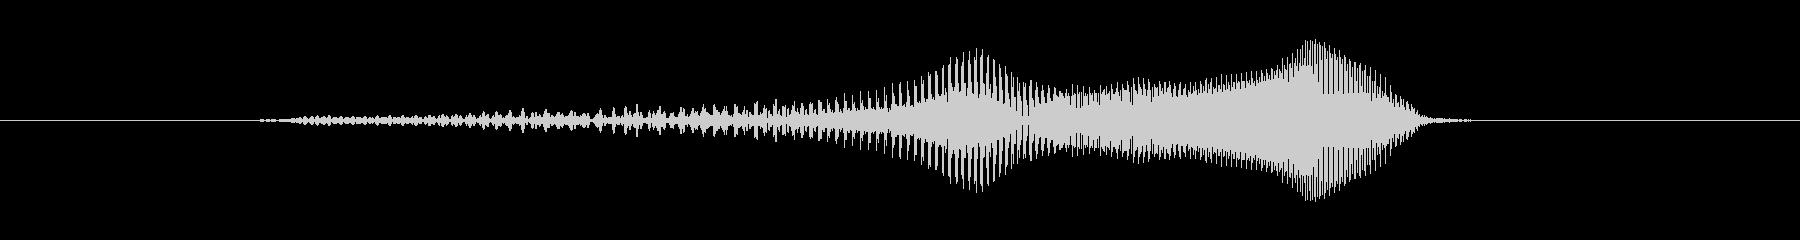 イェイ!の未再生の波形